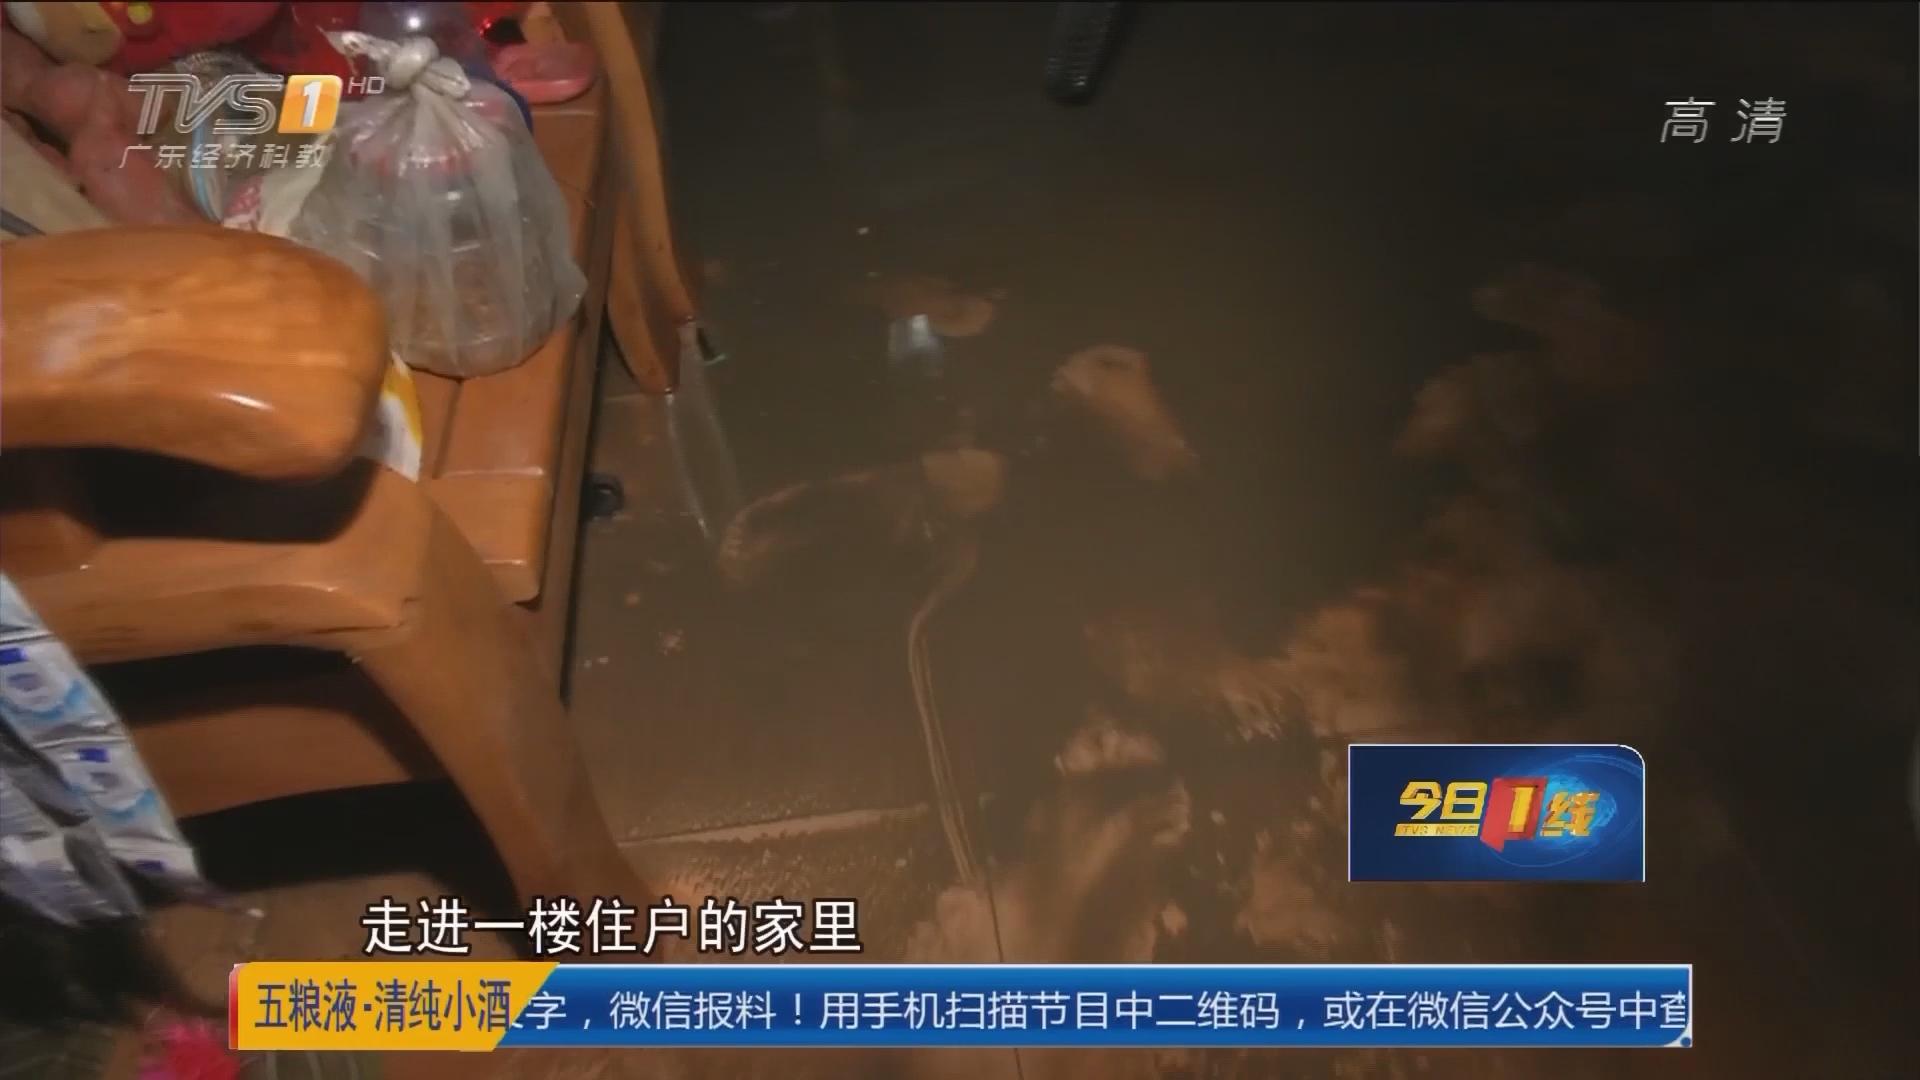 韶关武江:水浸床头 一晚被淹两次